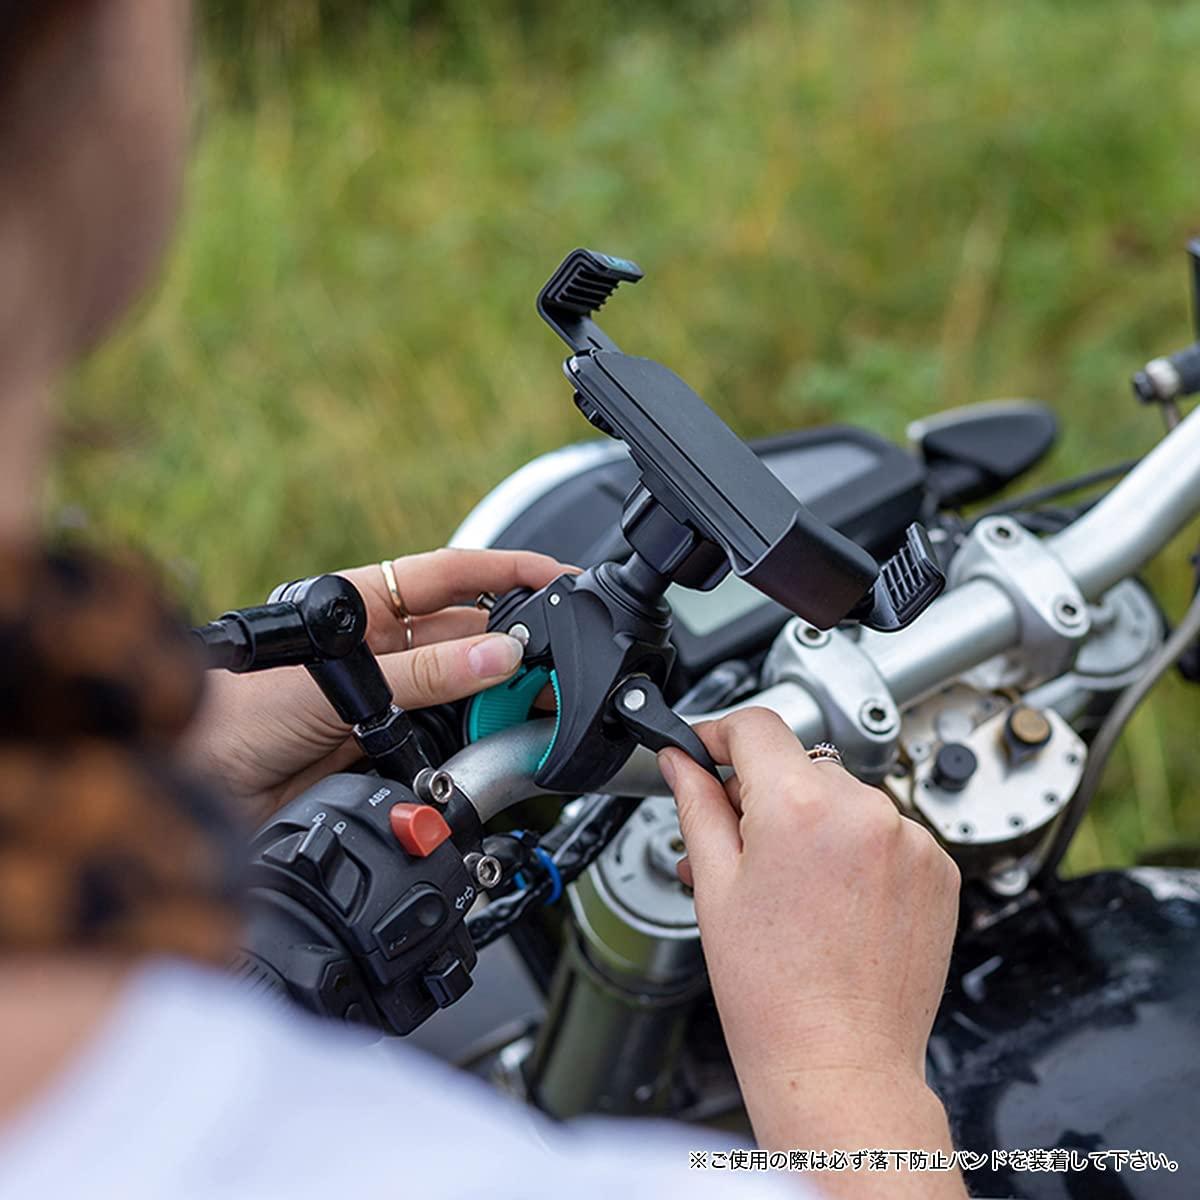 f:id:bikeinfobu:20210902164754j:plain